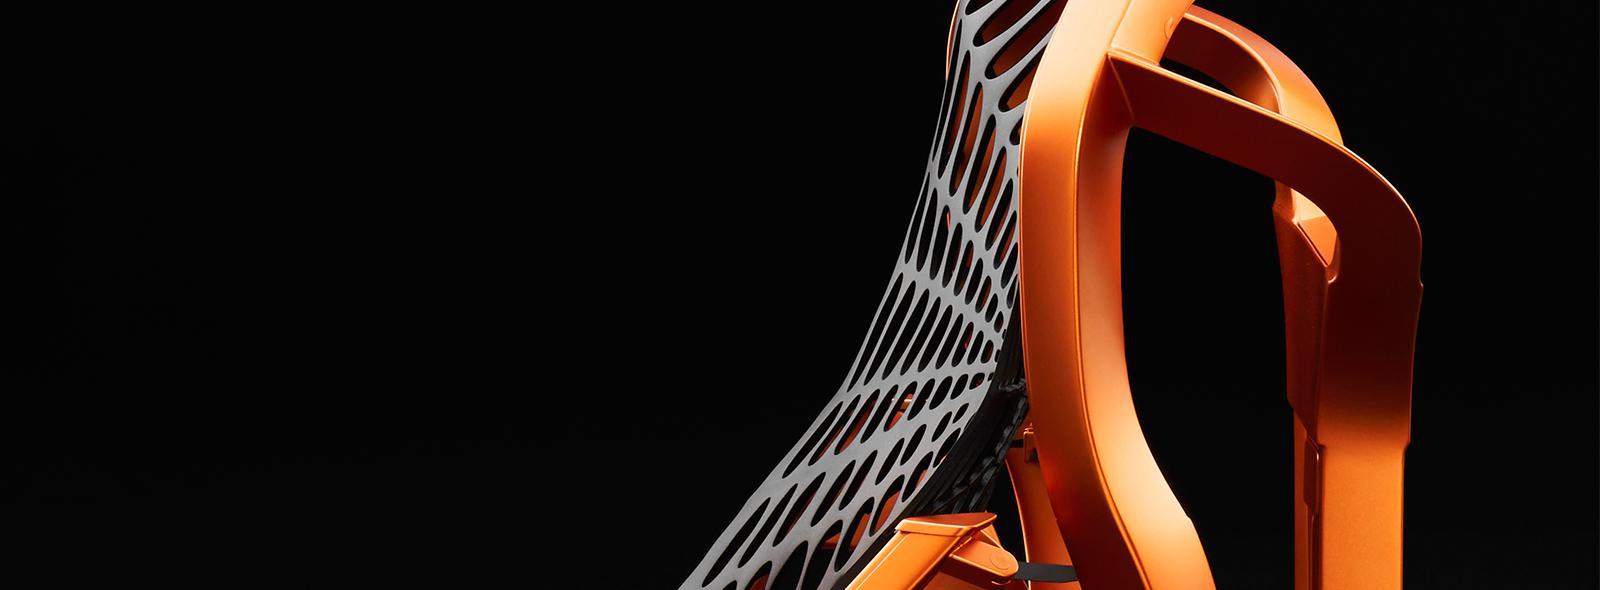 2016 Lexus UX Concept Gallery 07 base cut side